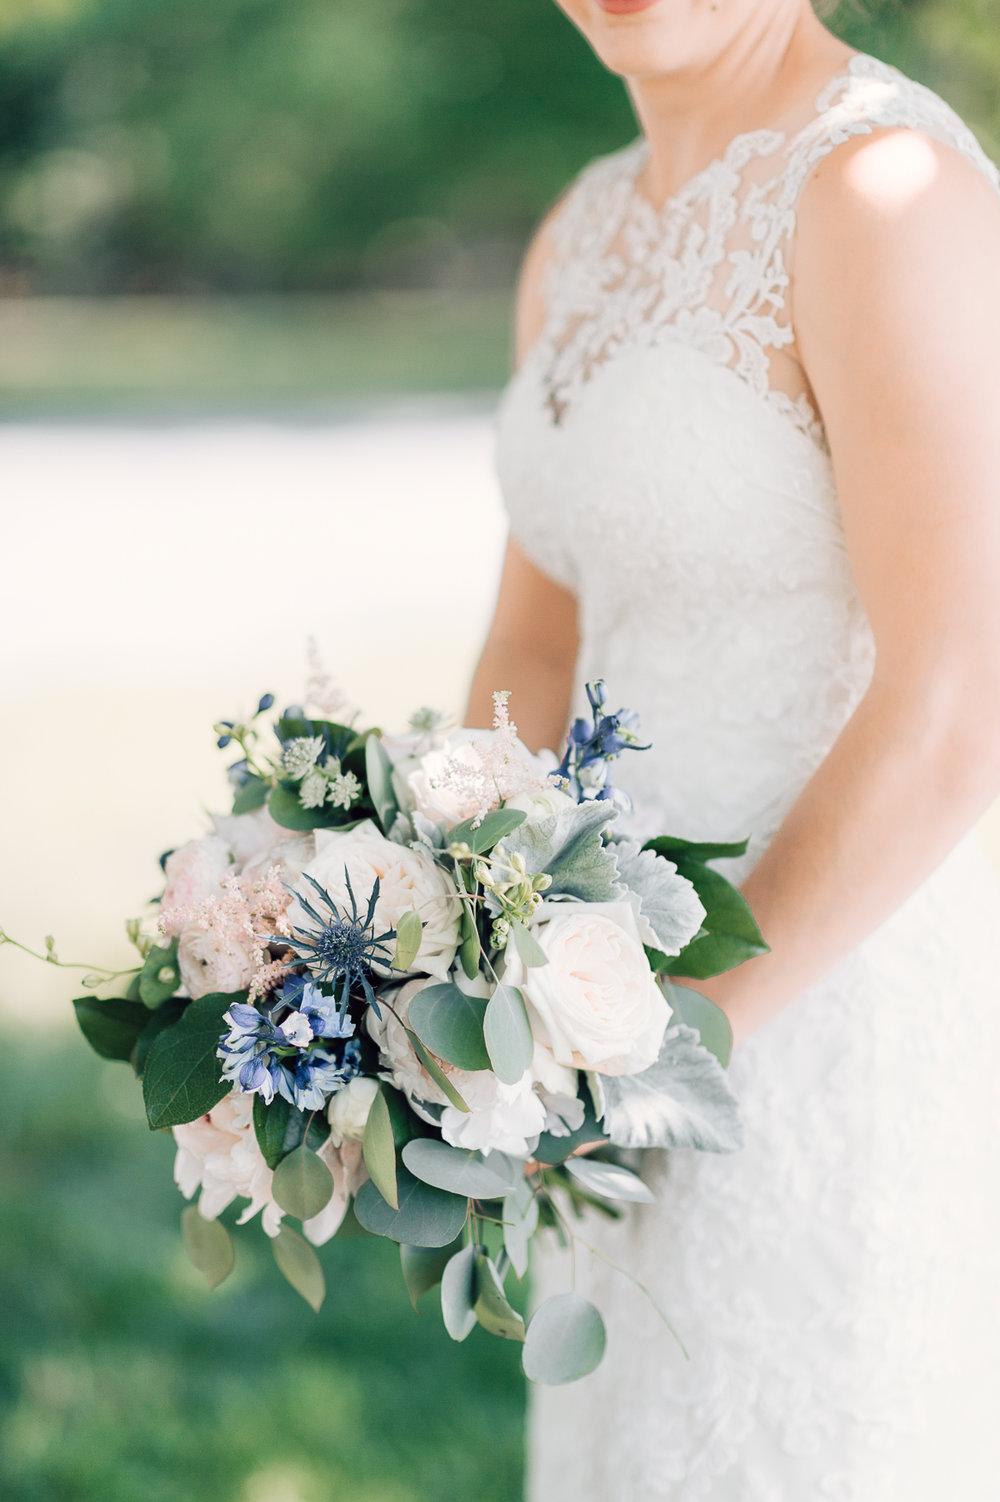 charlottesvillewedding_backyardwedding_virginia_youseephotography_CaitlinDerek (9).jpg